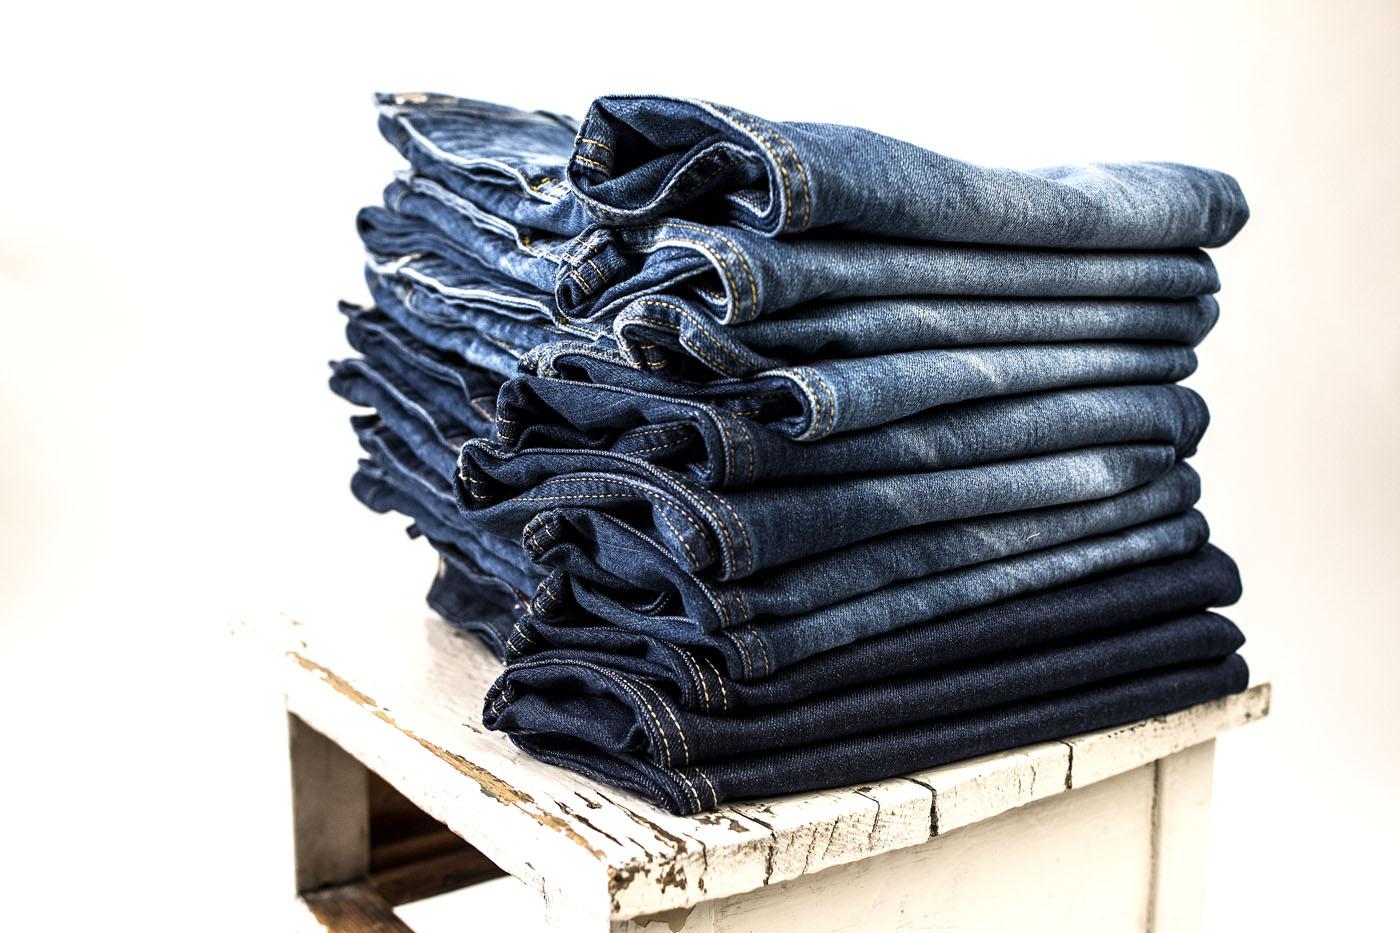 wiedemann-jeans-tallmen-00009